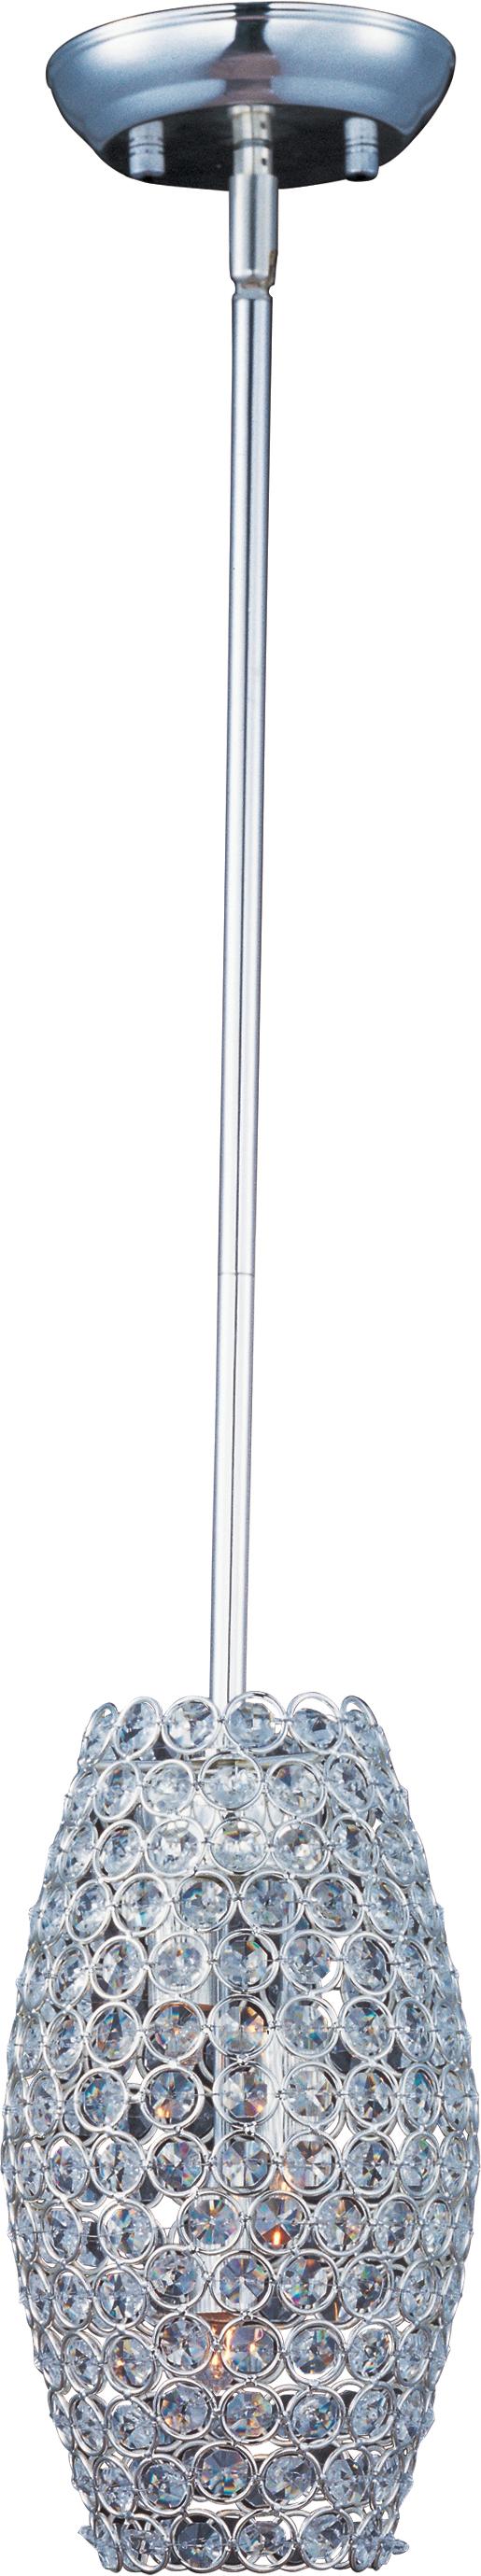 Glimmer 3-Light Pendant | Maxim Lighting